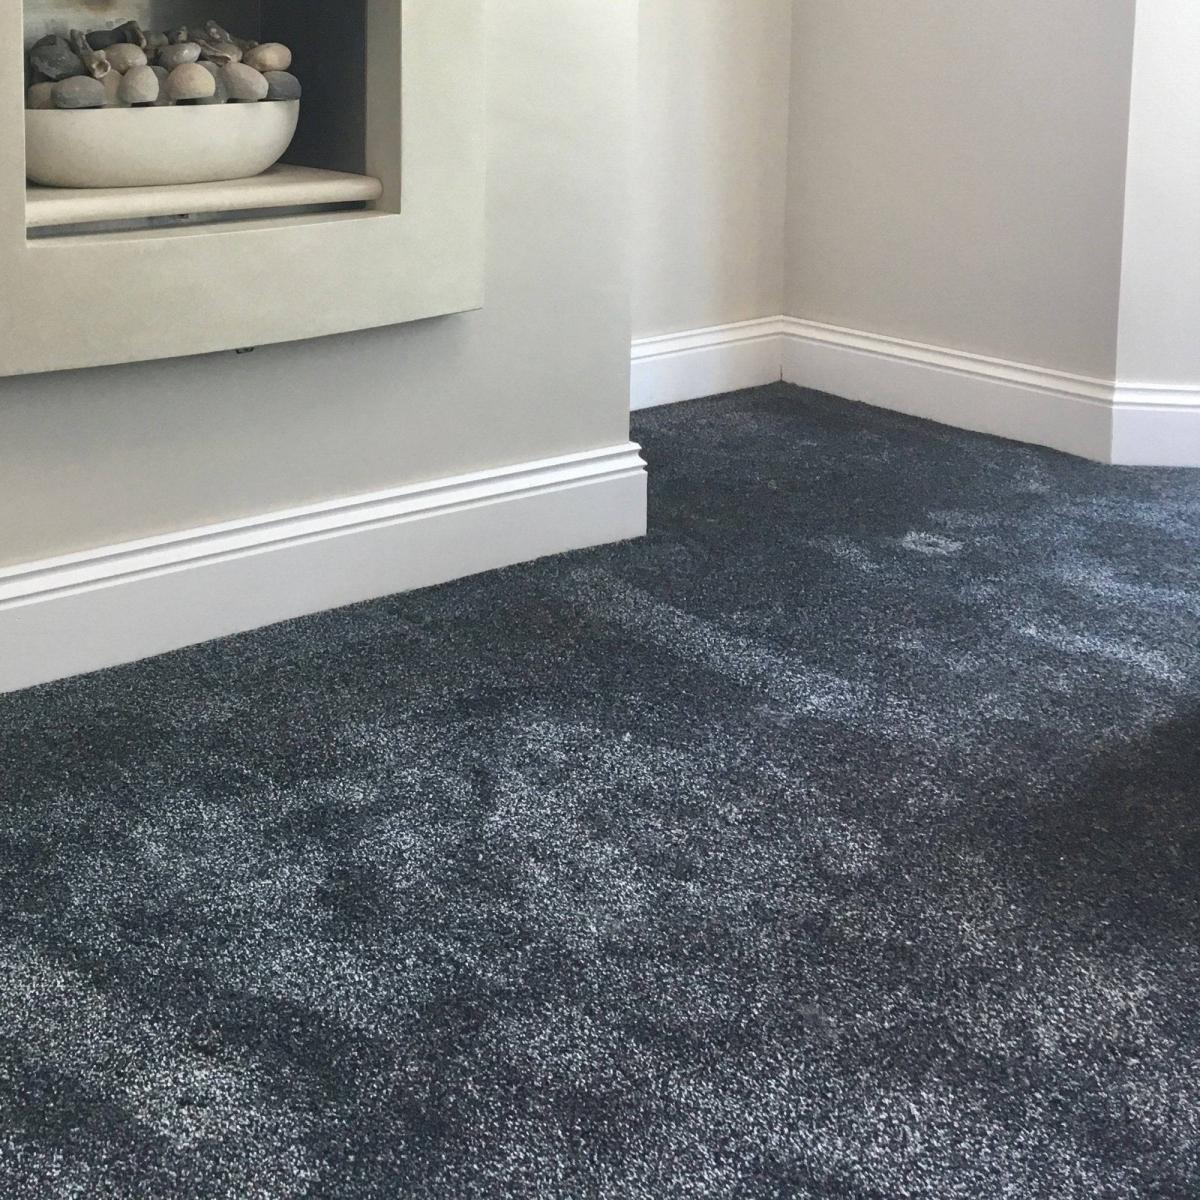 Bên cạnh khả năng giảm tiếng ồn thì thảm trải sàn còn có tác dụng làm cho không gian trở nên ấm áp hơn.